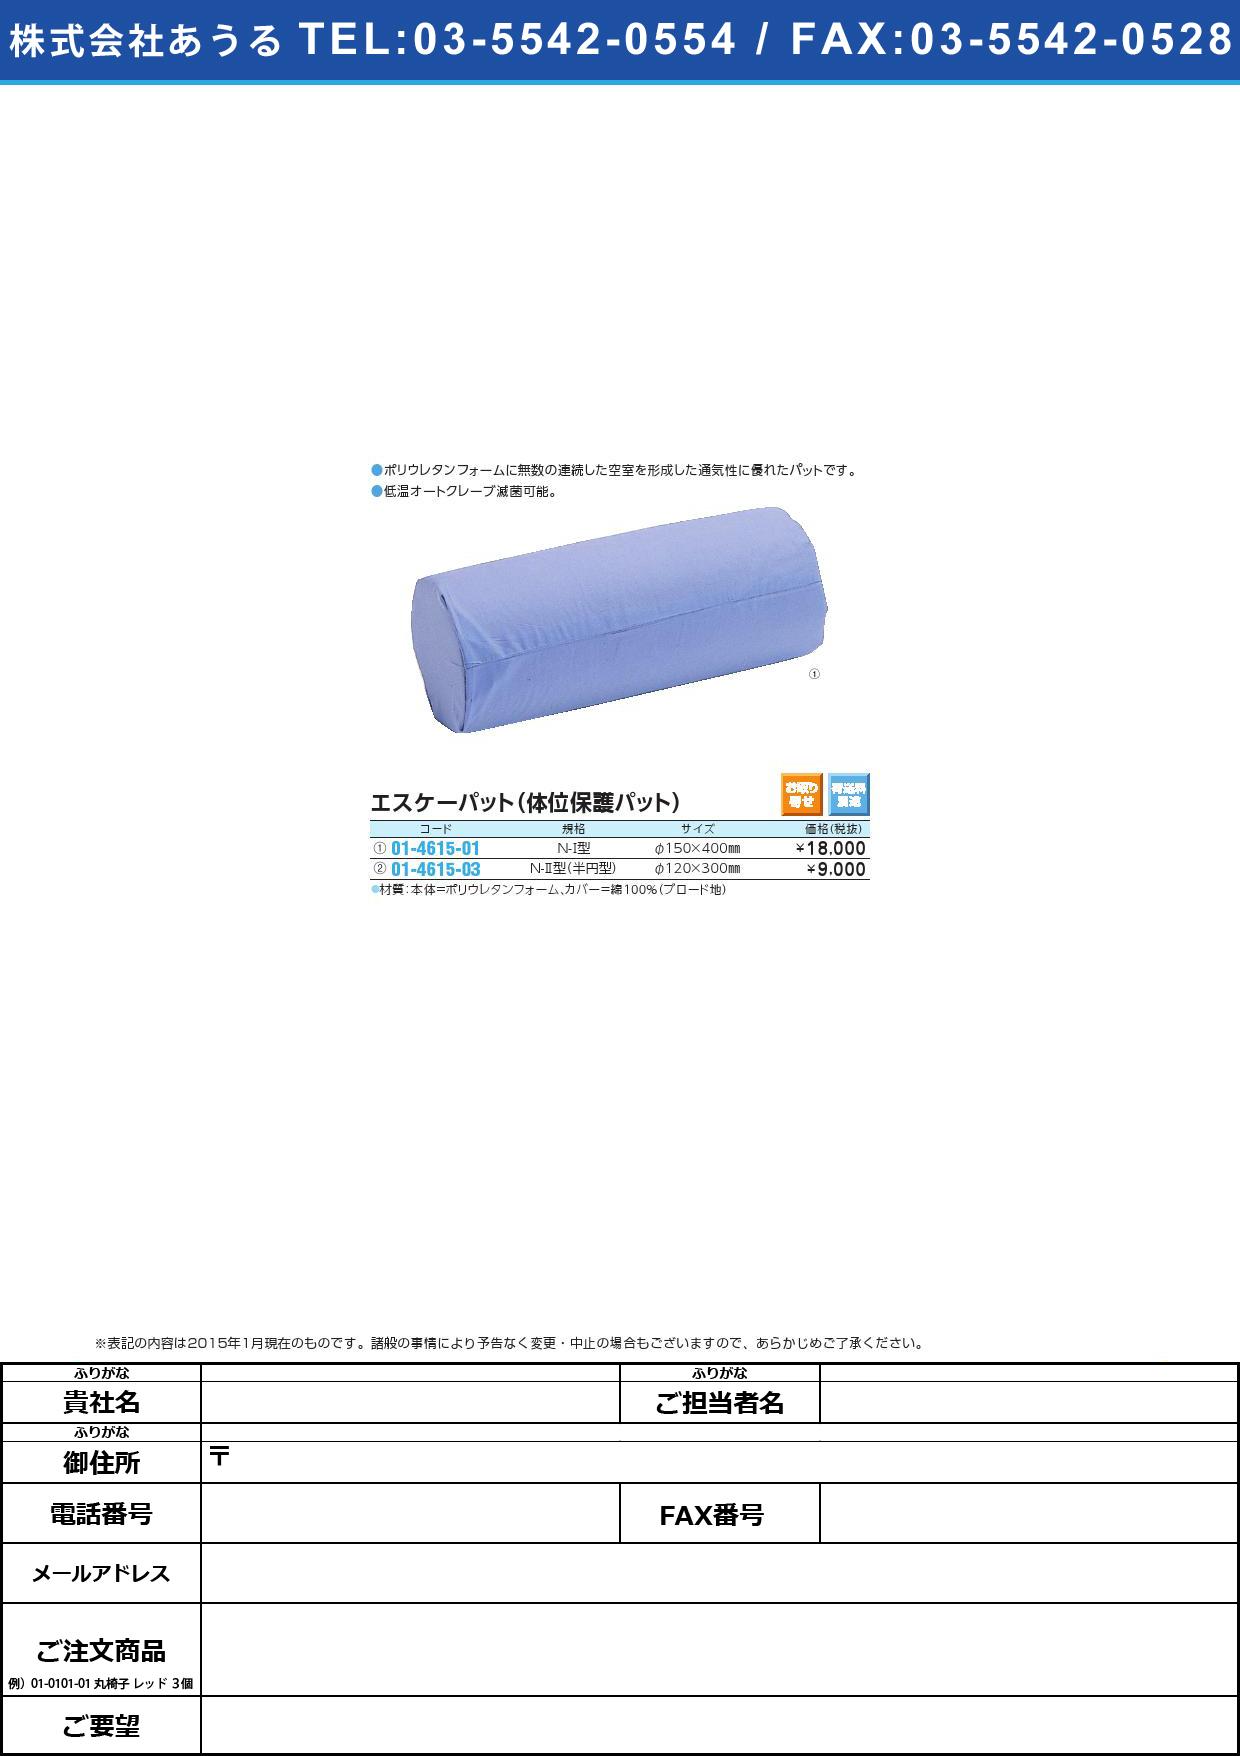 エスケーパット(体位保護パット) エスケーパット(01-4615-01)N-1ガタ【1個単位】